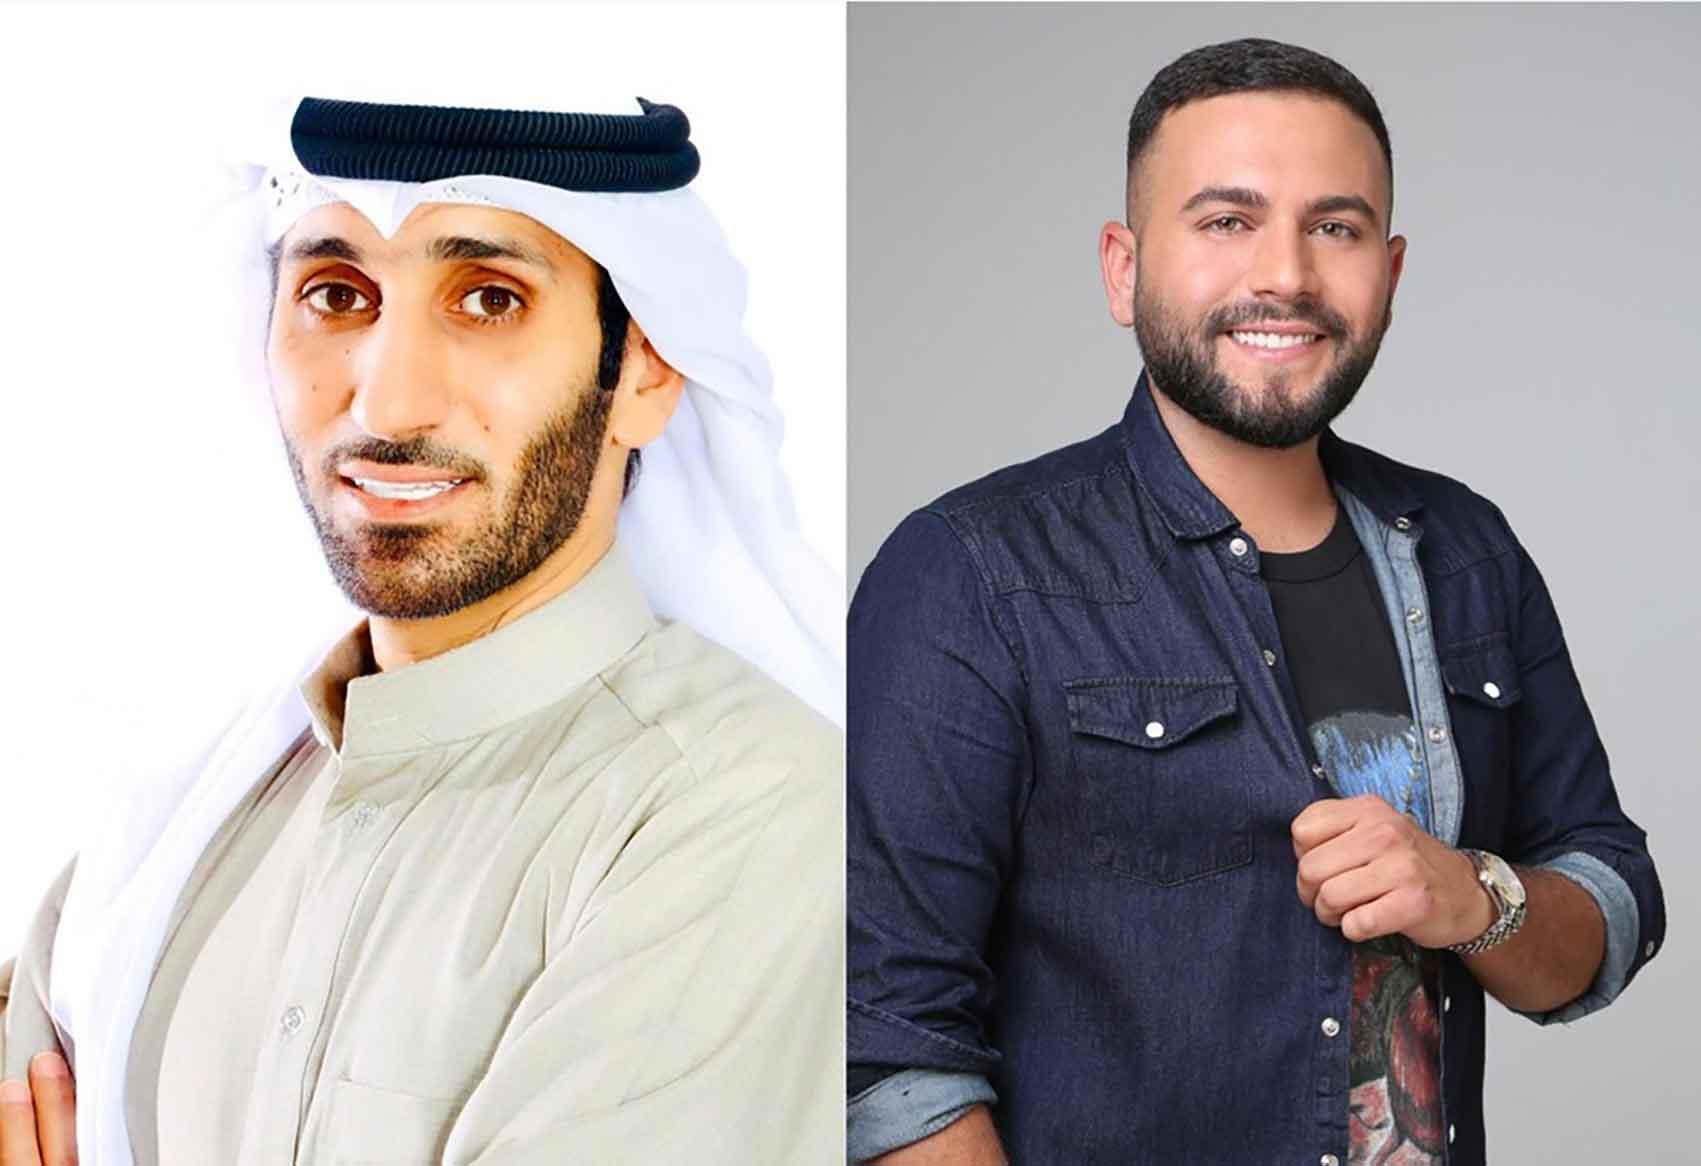 אלקנה-מרציאנו-זוכה-דה-וויס-והזמר-הערבי-הוא-וואליד-אל-ג׳סיאם-חדשות-האופנה